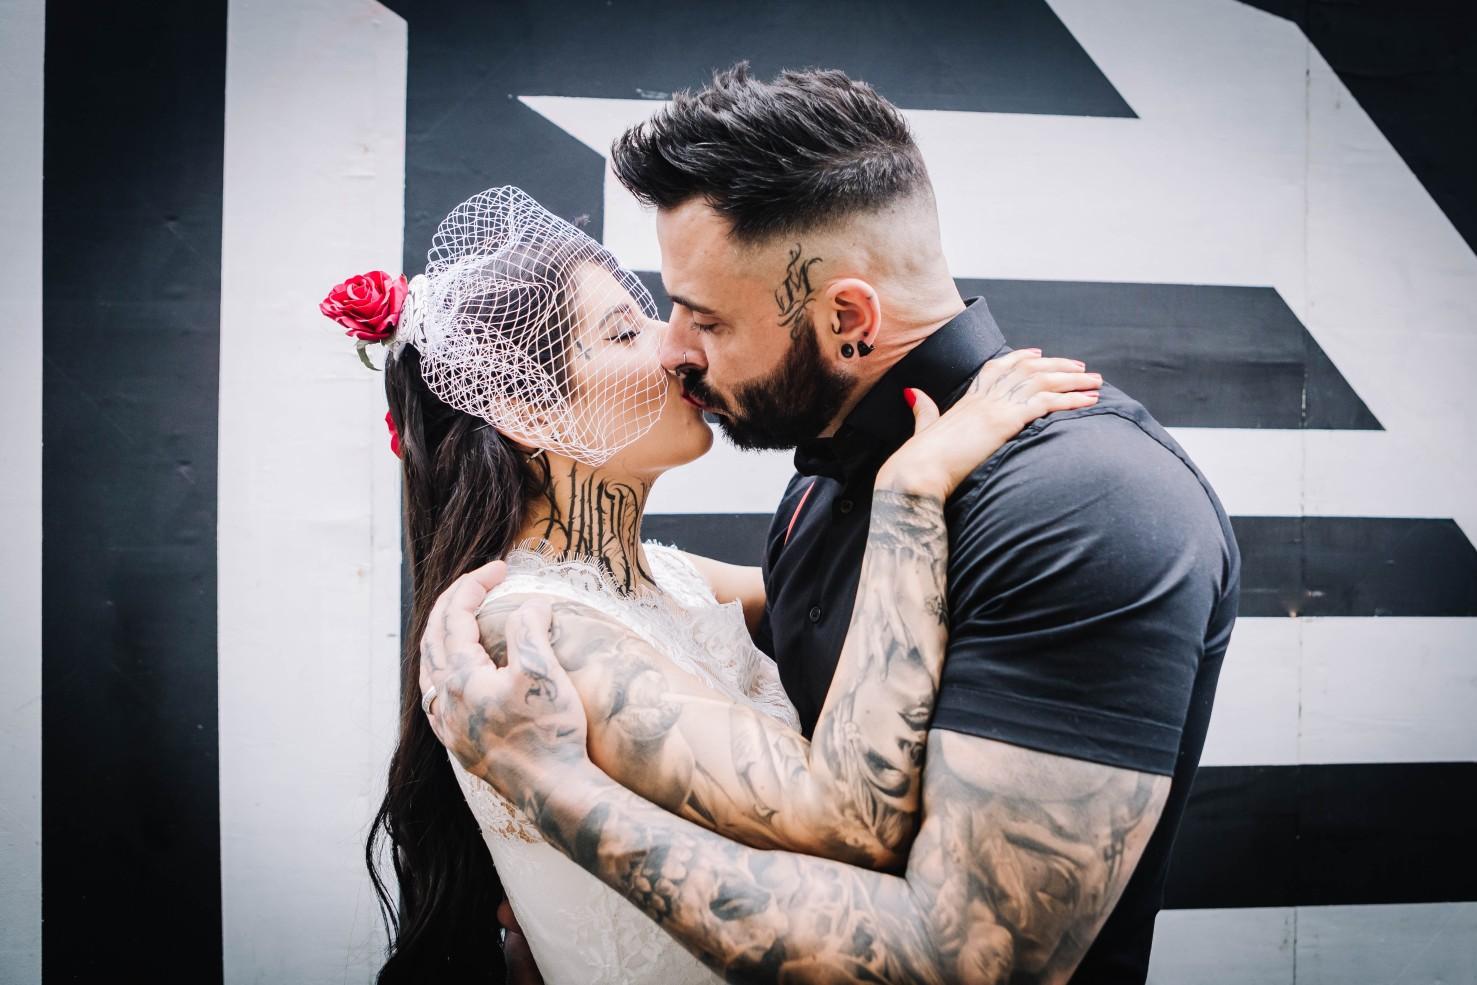 urban rockabilly wedding - east london wedding- urban wedding- rockabilly wedding- edgy wedding - retro wedding - alternative wedding- unconventional wedding- tattooed wedding- birdcage veil - tattooed couple